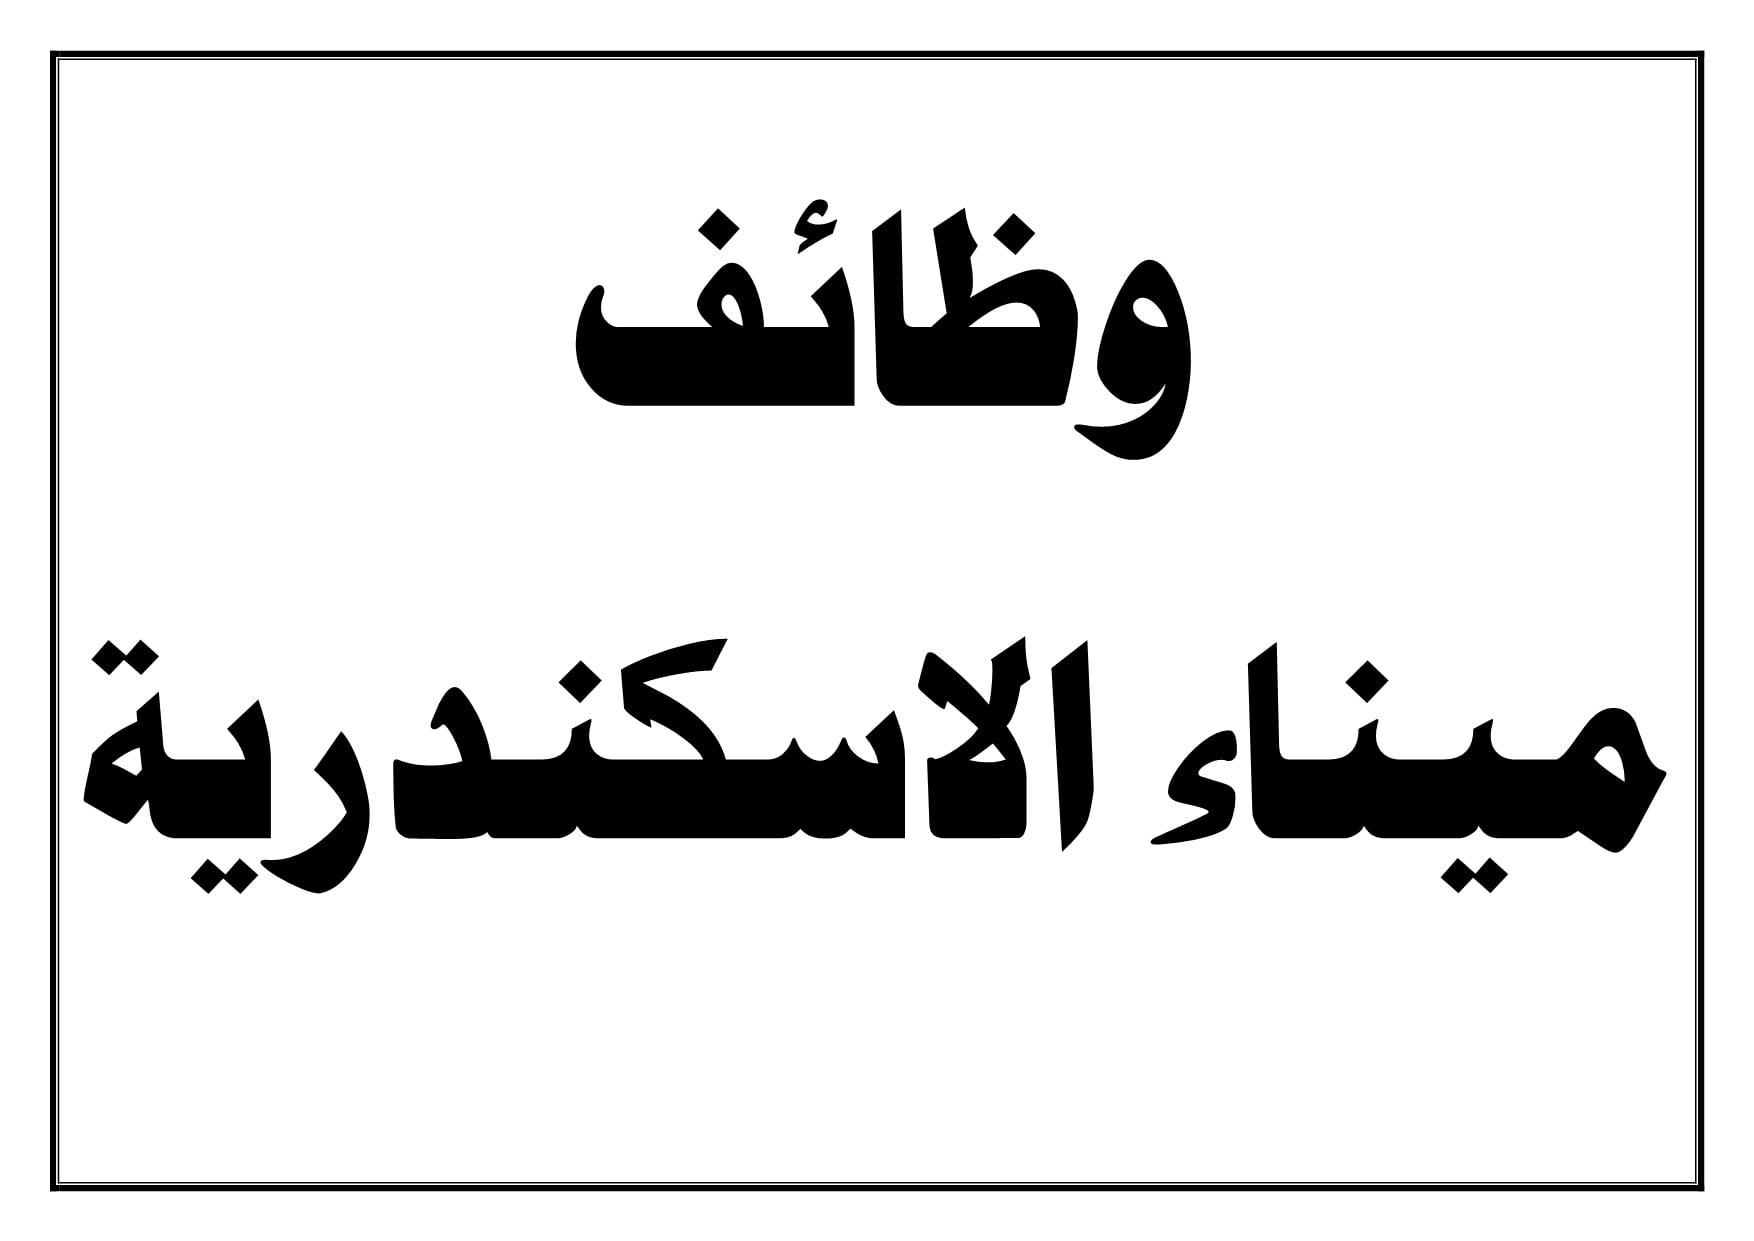 وظائف ميناء الاسكندرية 2021 وطريقة التقديم والمستندات المطلوبة